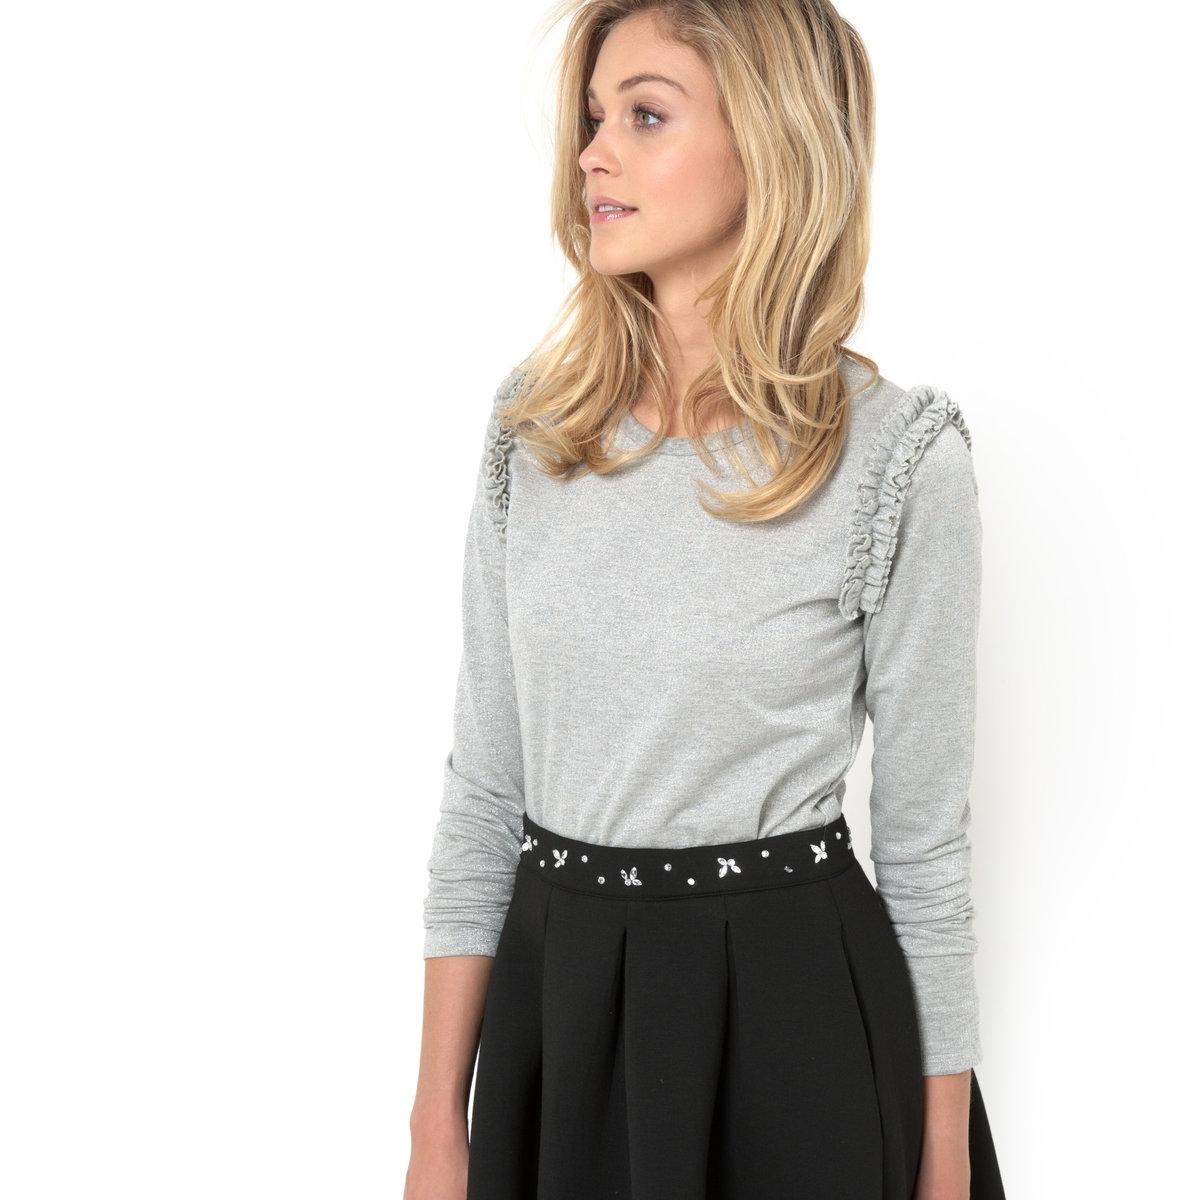 Футболка с крапчатым узором и металлизированными волокнамиLe T-shirt en maille chin?e fibre m?tallis?e - MADEMOISELLE R. Футболка с длинными рукавами, круглым вырезом. Со складками в пройме рукава. Длина 58 см . 75% хлопка, 5% полиэстера, 25% металлизированных волокон.<br><br>Цвет: серый меланж<br>Размер: 42/44 (FR) - 48/50 (RUS)